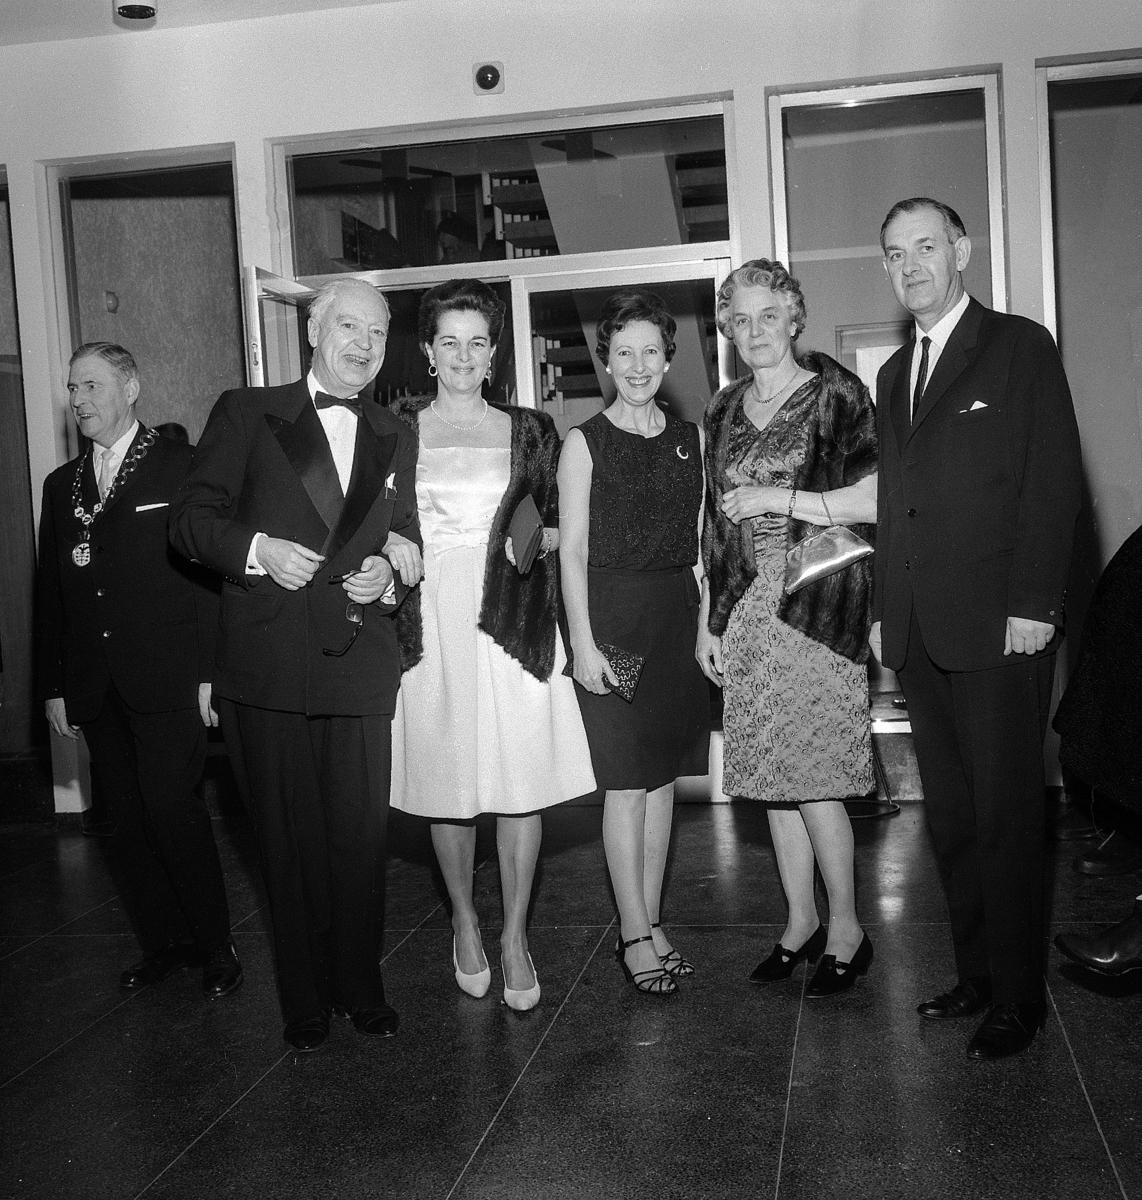 Sagatun kino, Hamar. Åpningsdagen 05.01.1968. Inviterte gjester, helt t.v.ordfører Kristian Gundersen, Borger Lenth, ukjent, ukjent, Eva Kløvstad, ukjent.